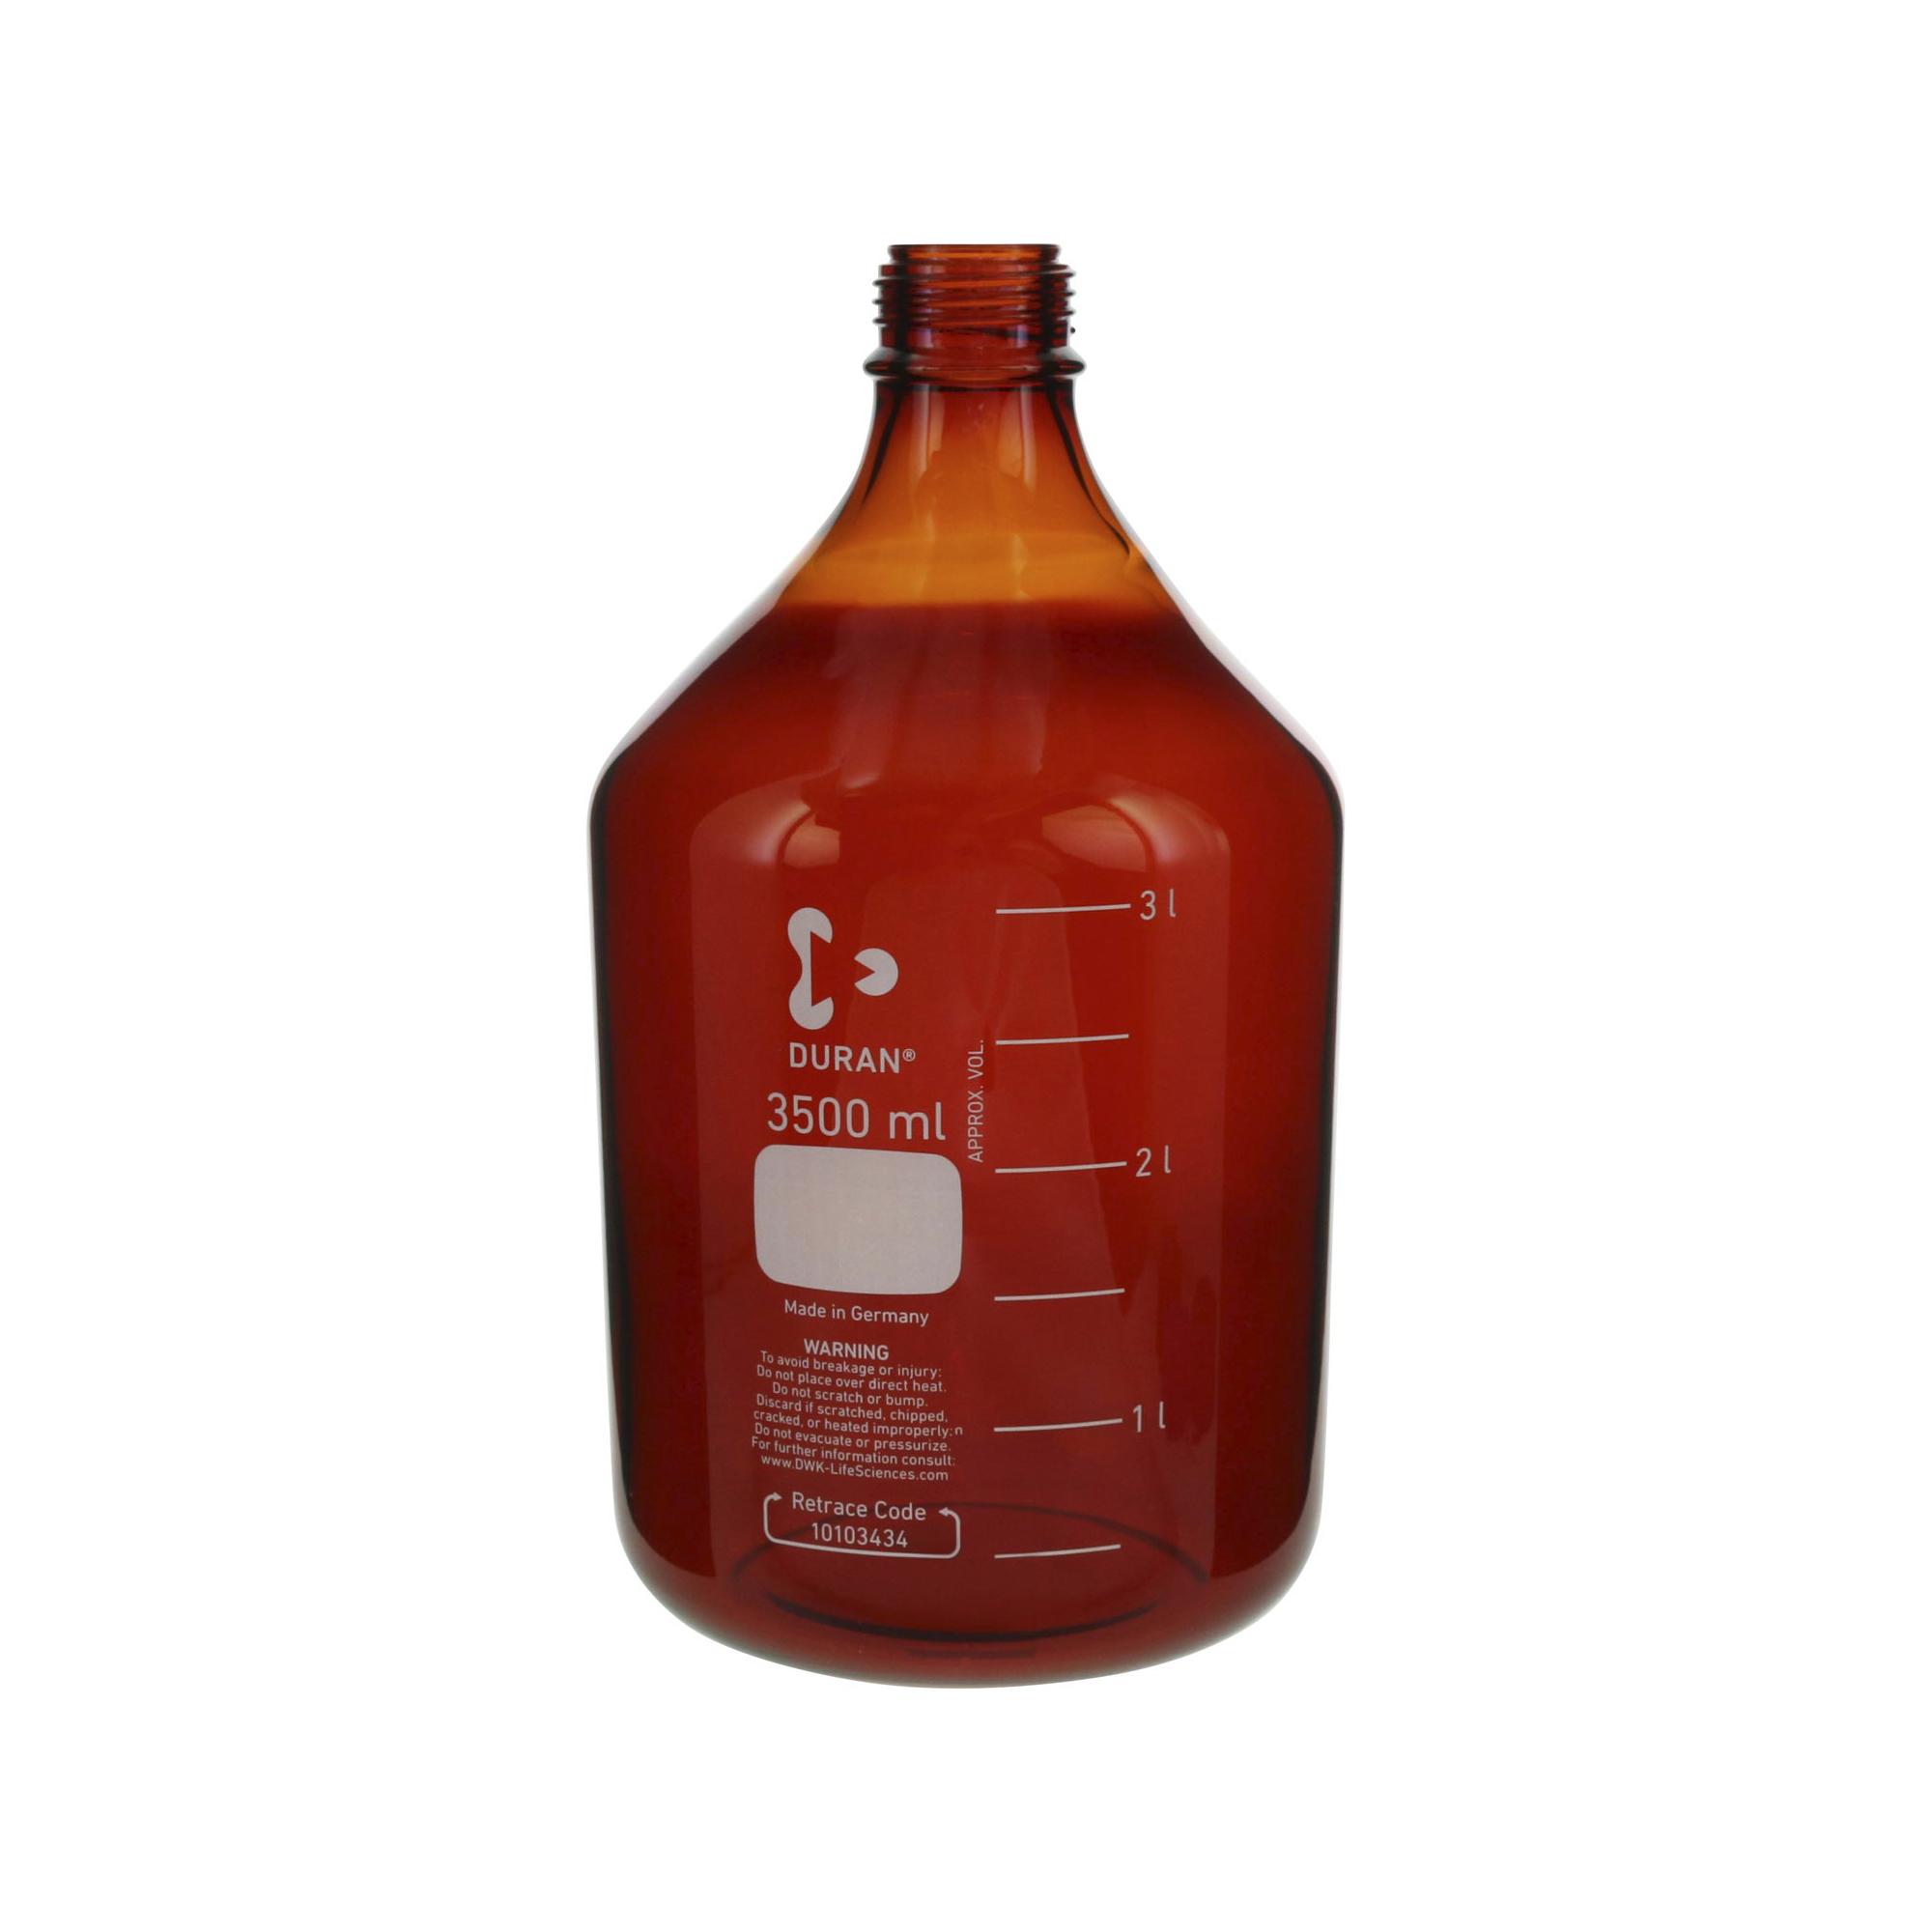 017210-35004 DURAN ねじ口びん(メジュームびん) 茶褐色 びんのみ 3.5L GL-45 柴田科学(SIBATA)